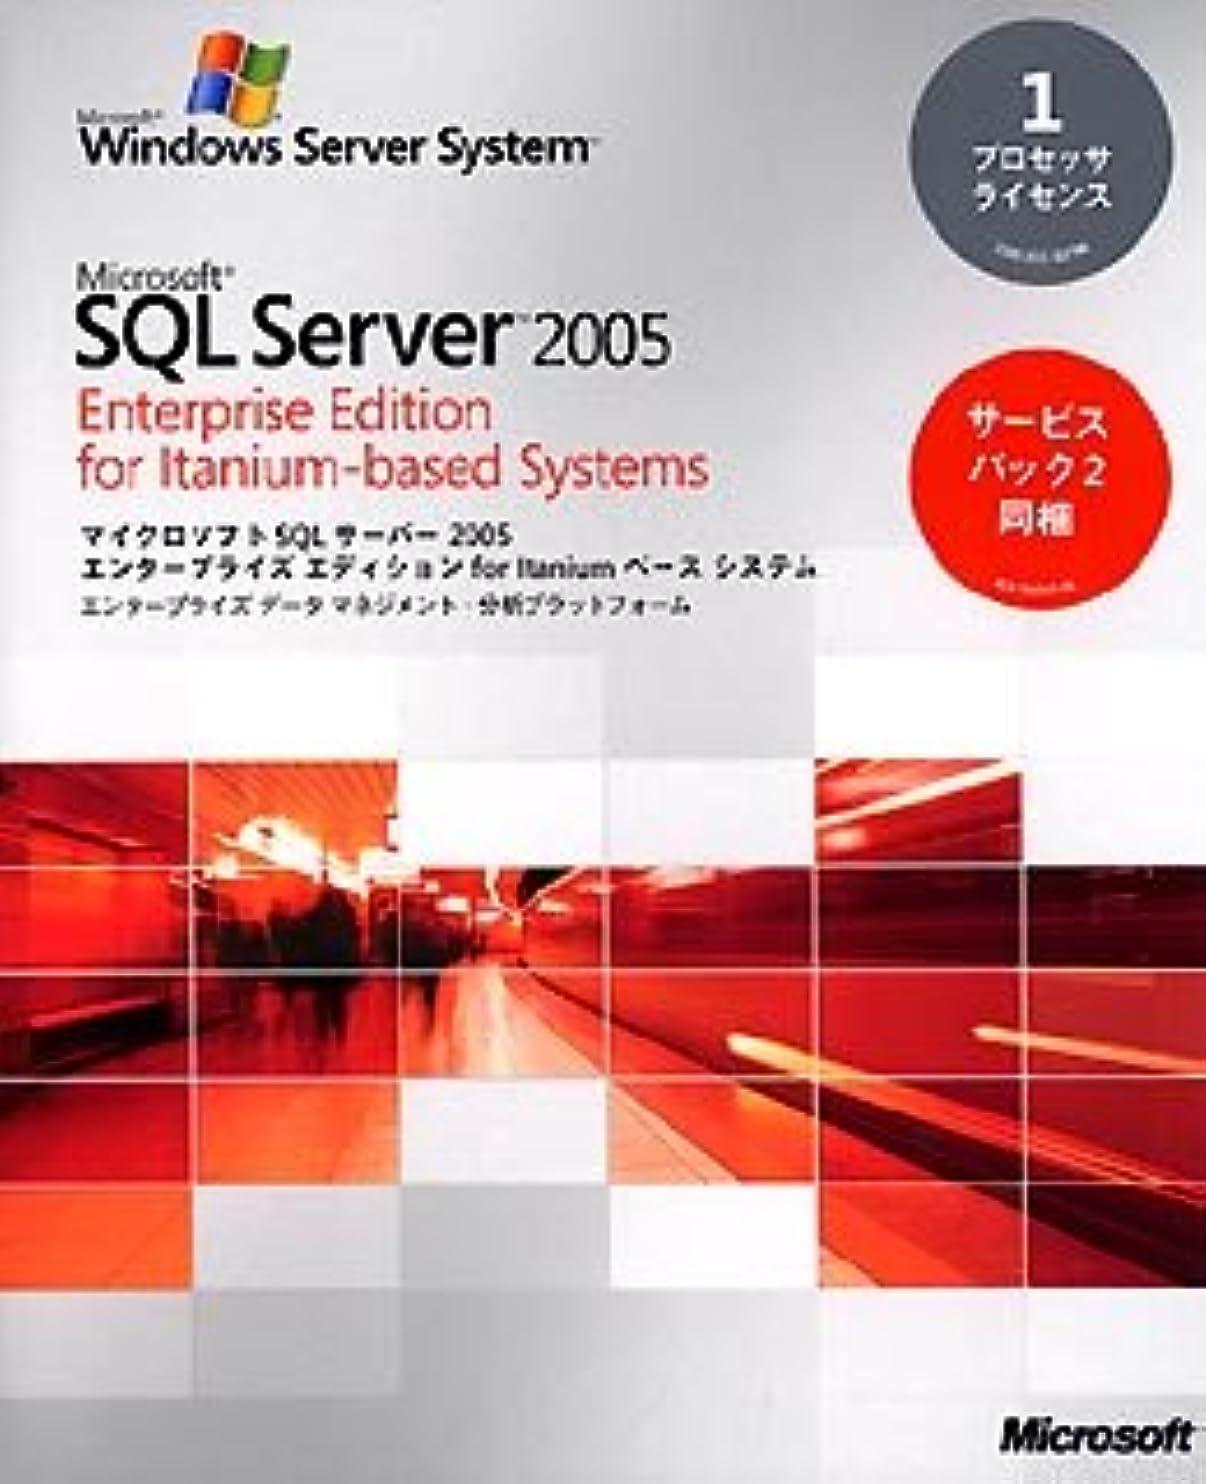 偉業肥沃な悪化させるMicrosoft SQL Server 2005 Enterprise Edition for Itanium-Based System 日本語版 プロセッサライセンス サービスパック2同梱